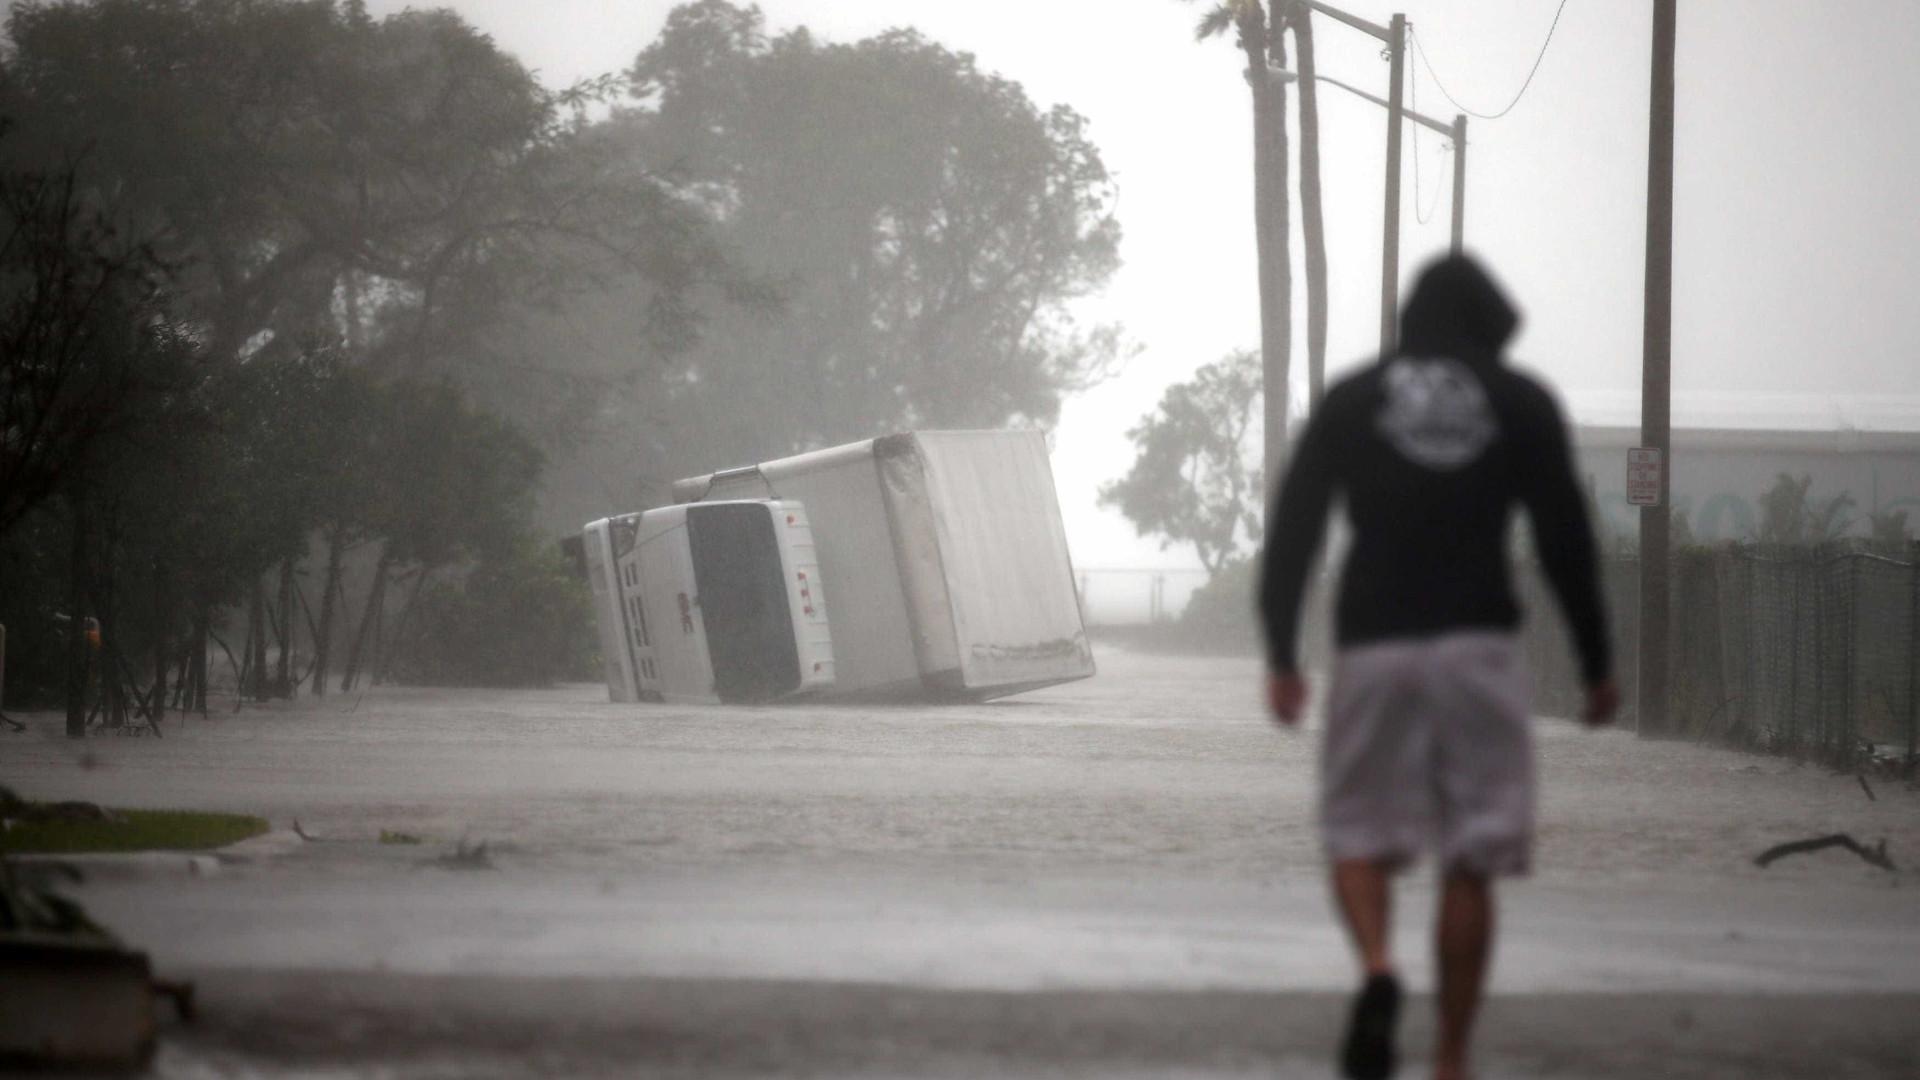 Cerca de 1,1 milhões sem eletricidade na Florida — Furacão Irma